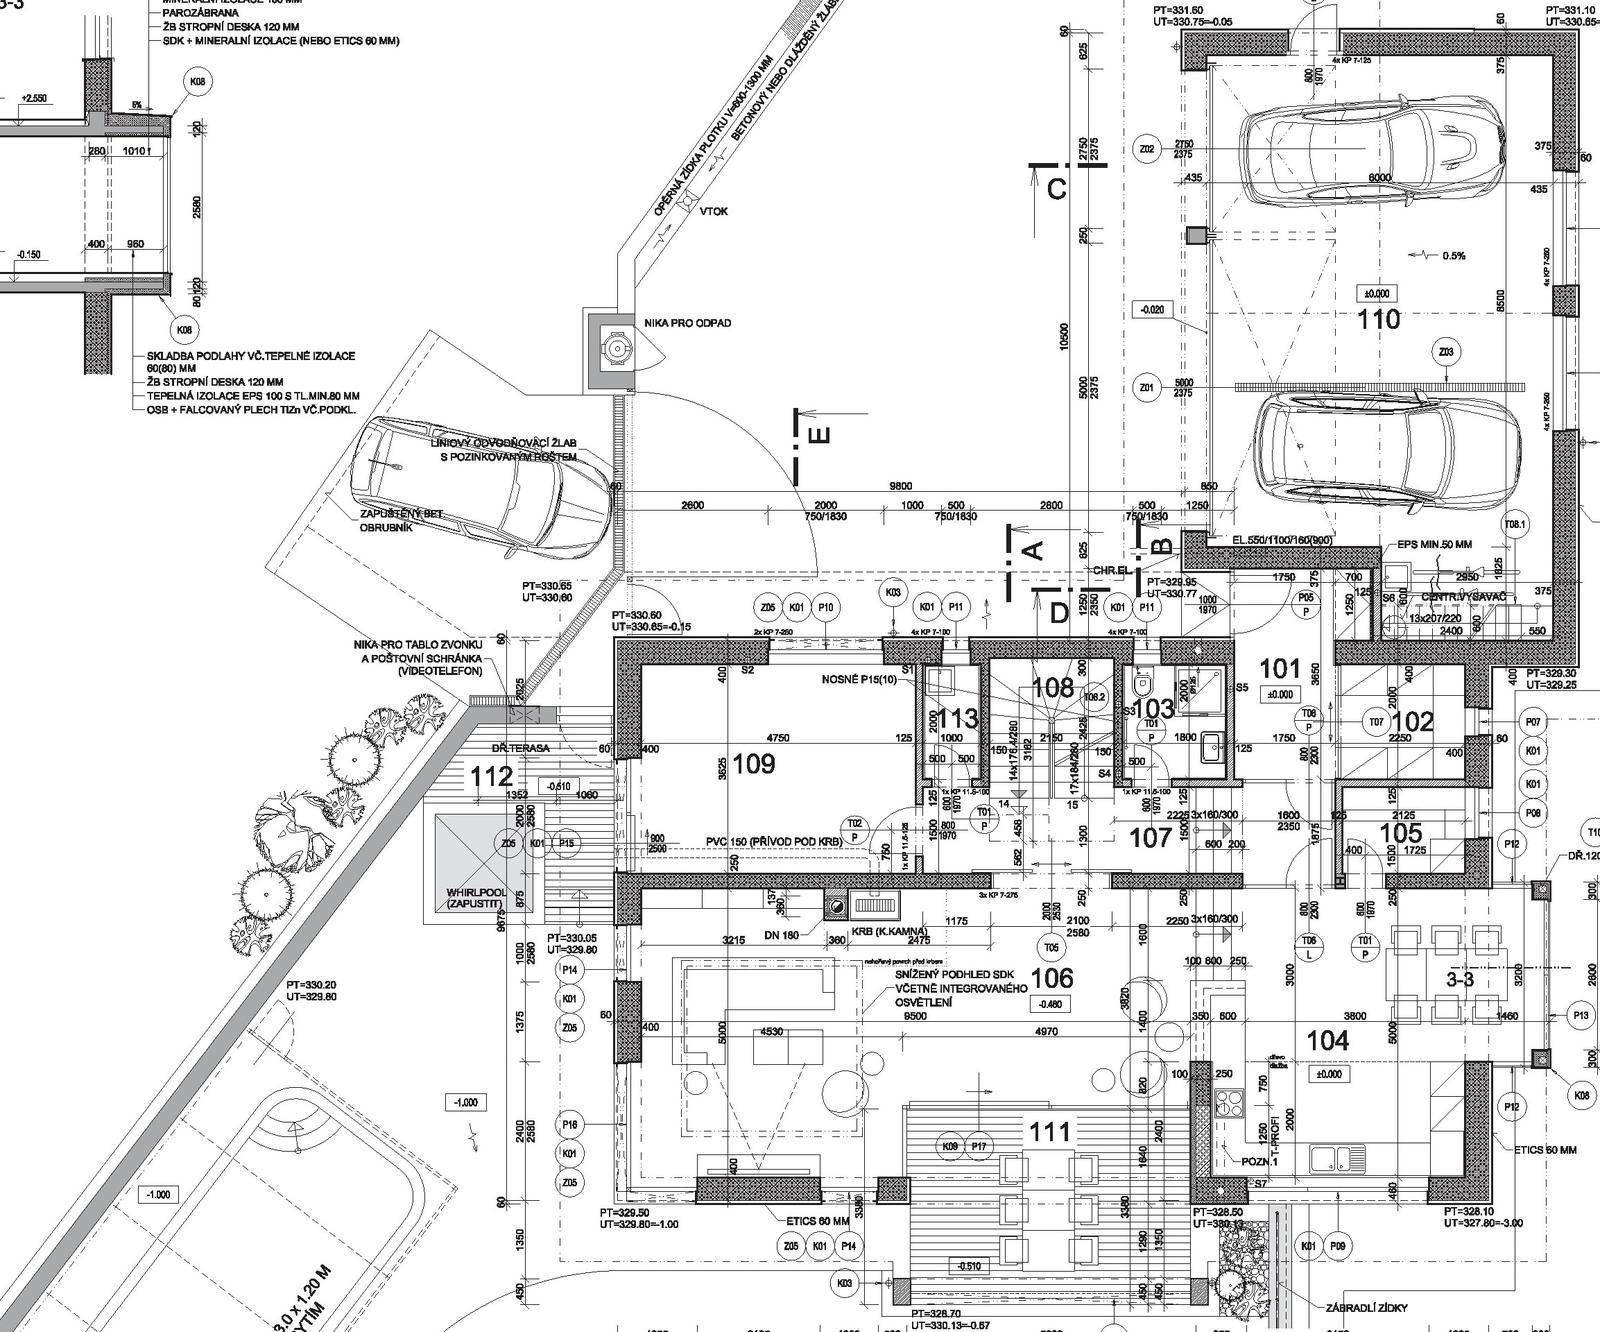 Začínáme..pokračujeme..finišujeme ;-) - 1.NP - 101 vstupní hala; 102 šatna; 103 koupelna; 104 kuchyň, 105 spížka; 106 obývací pokoj; 107 chodba; 108 schody; 109 pracovna + host. pokoj; 110 garáž; 111 podstřešená terasa; 112 plocha pro whirpool, 113 tech. místnost